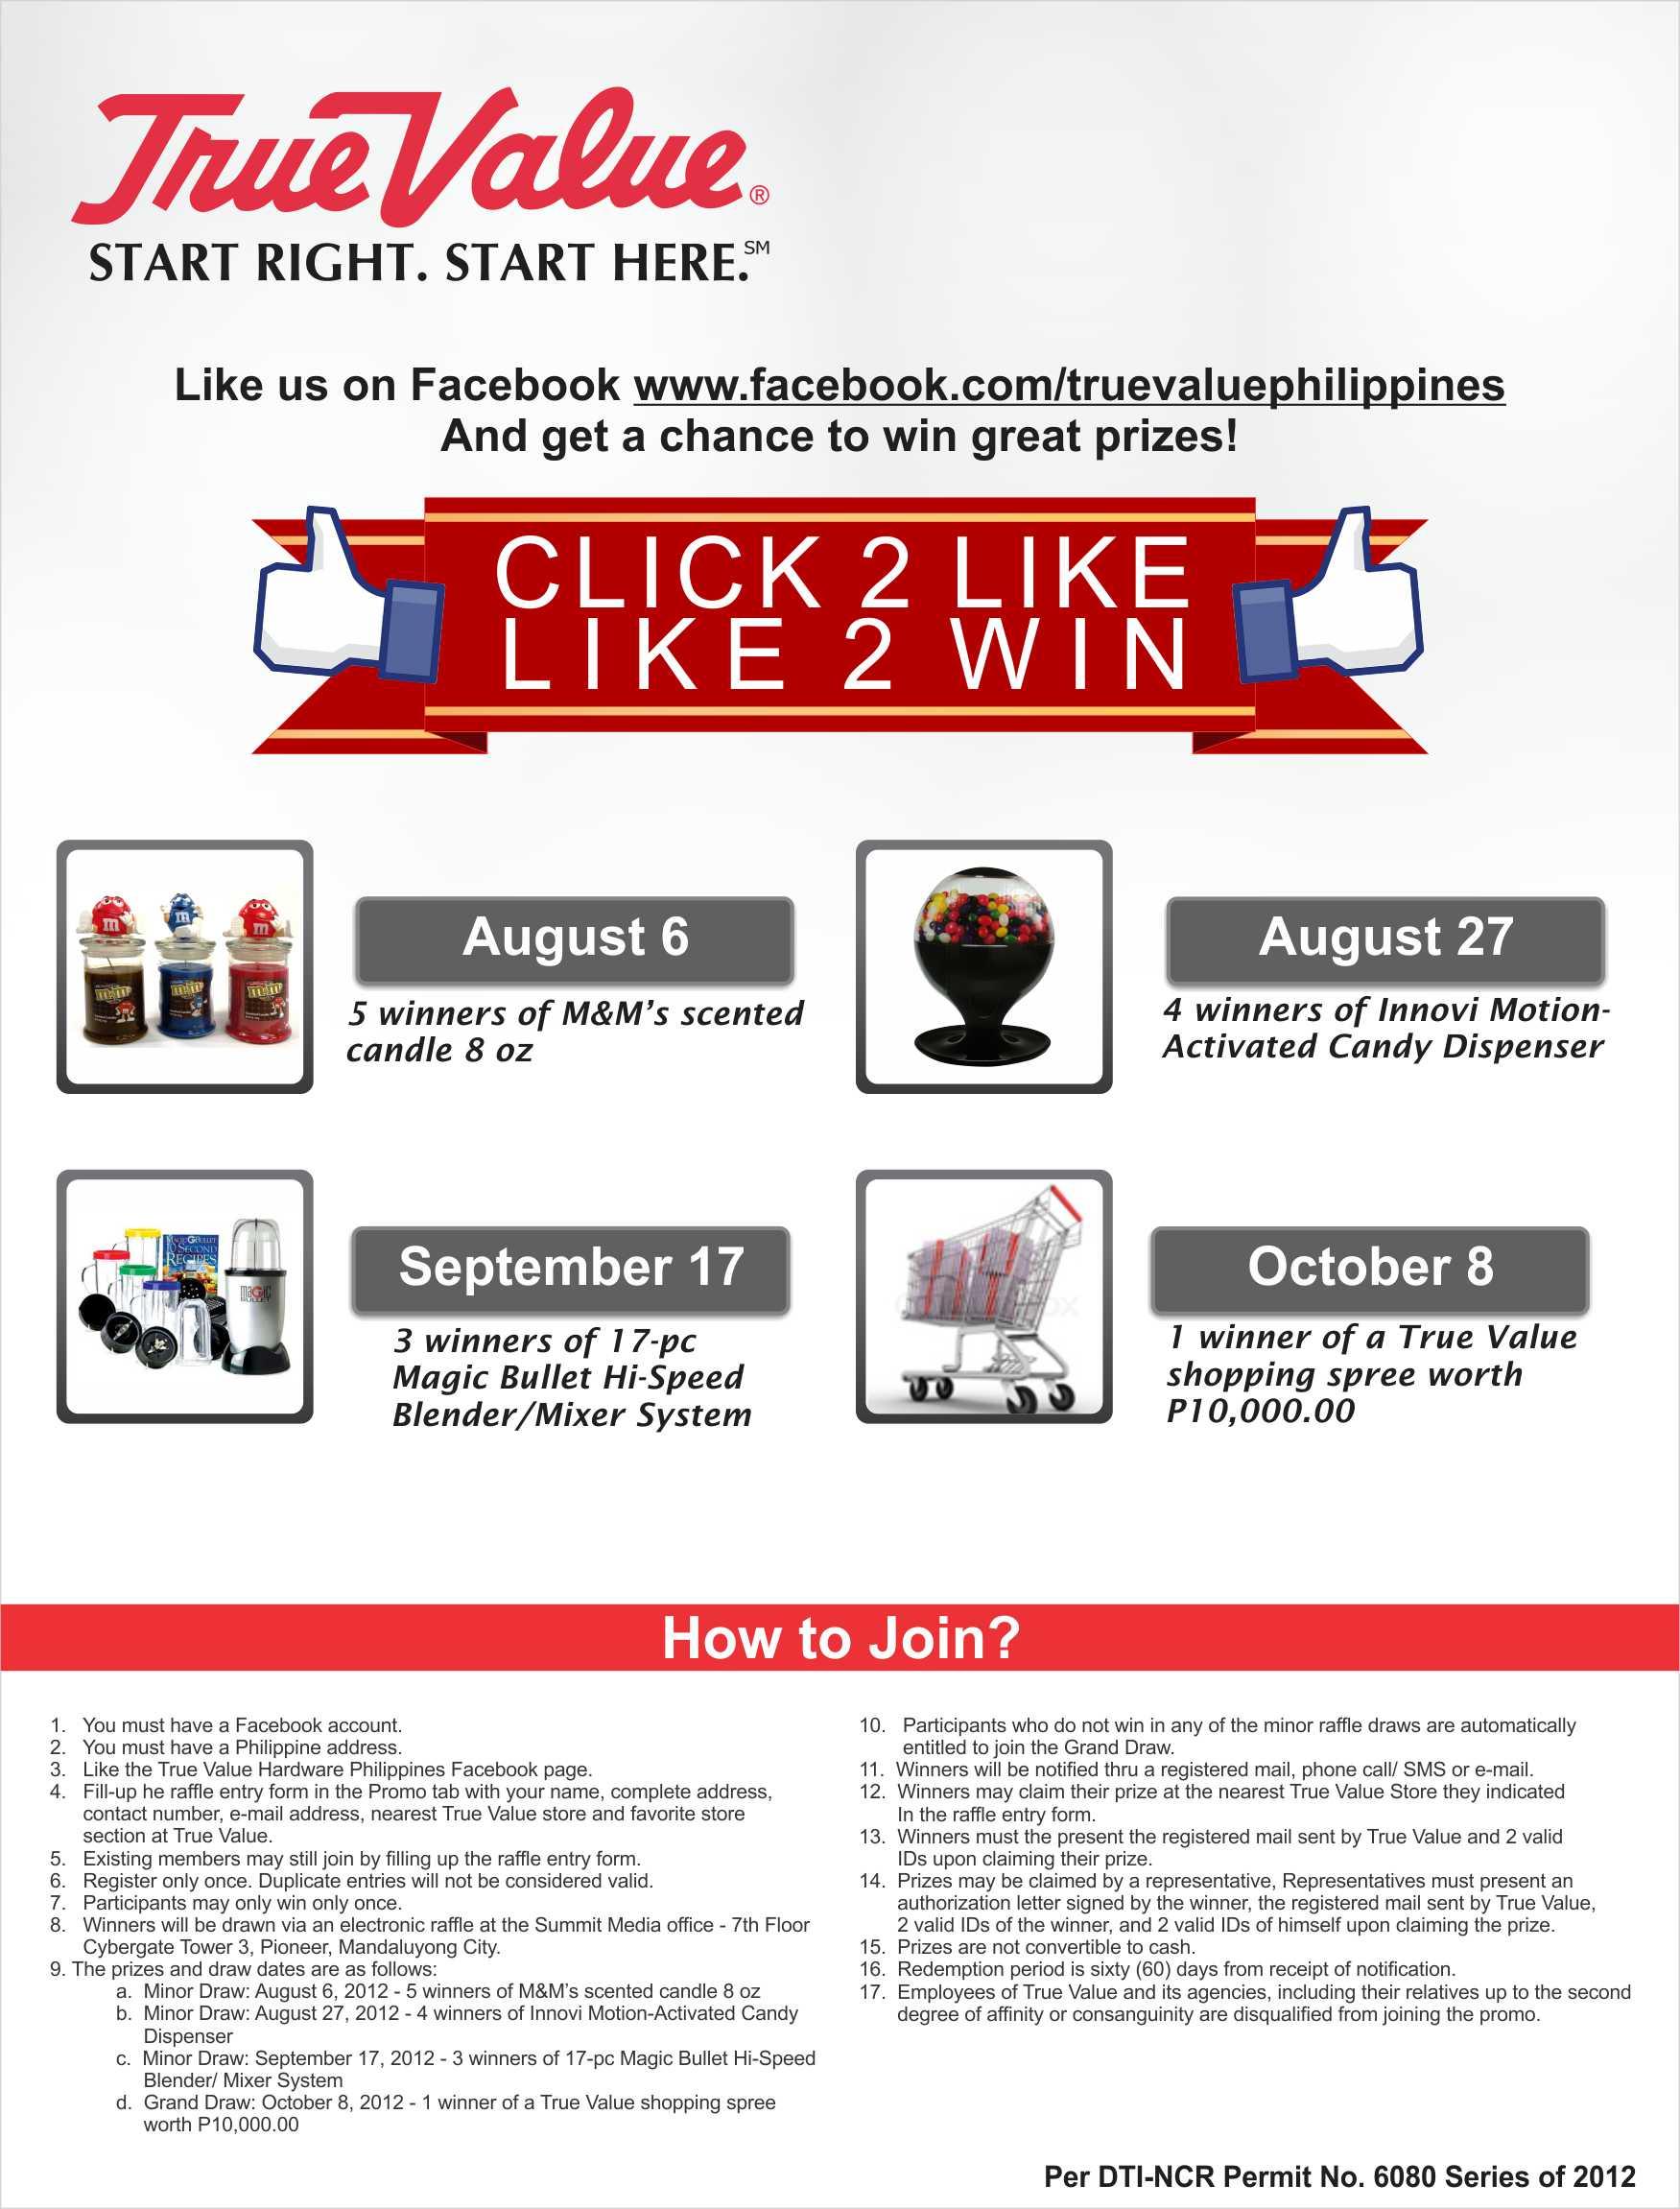 True Value FB Promo July - October 2012